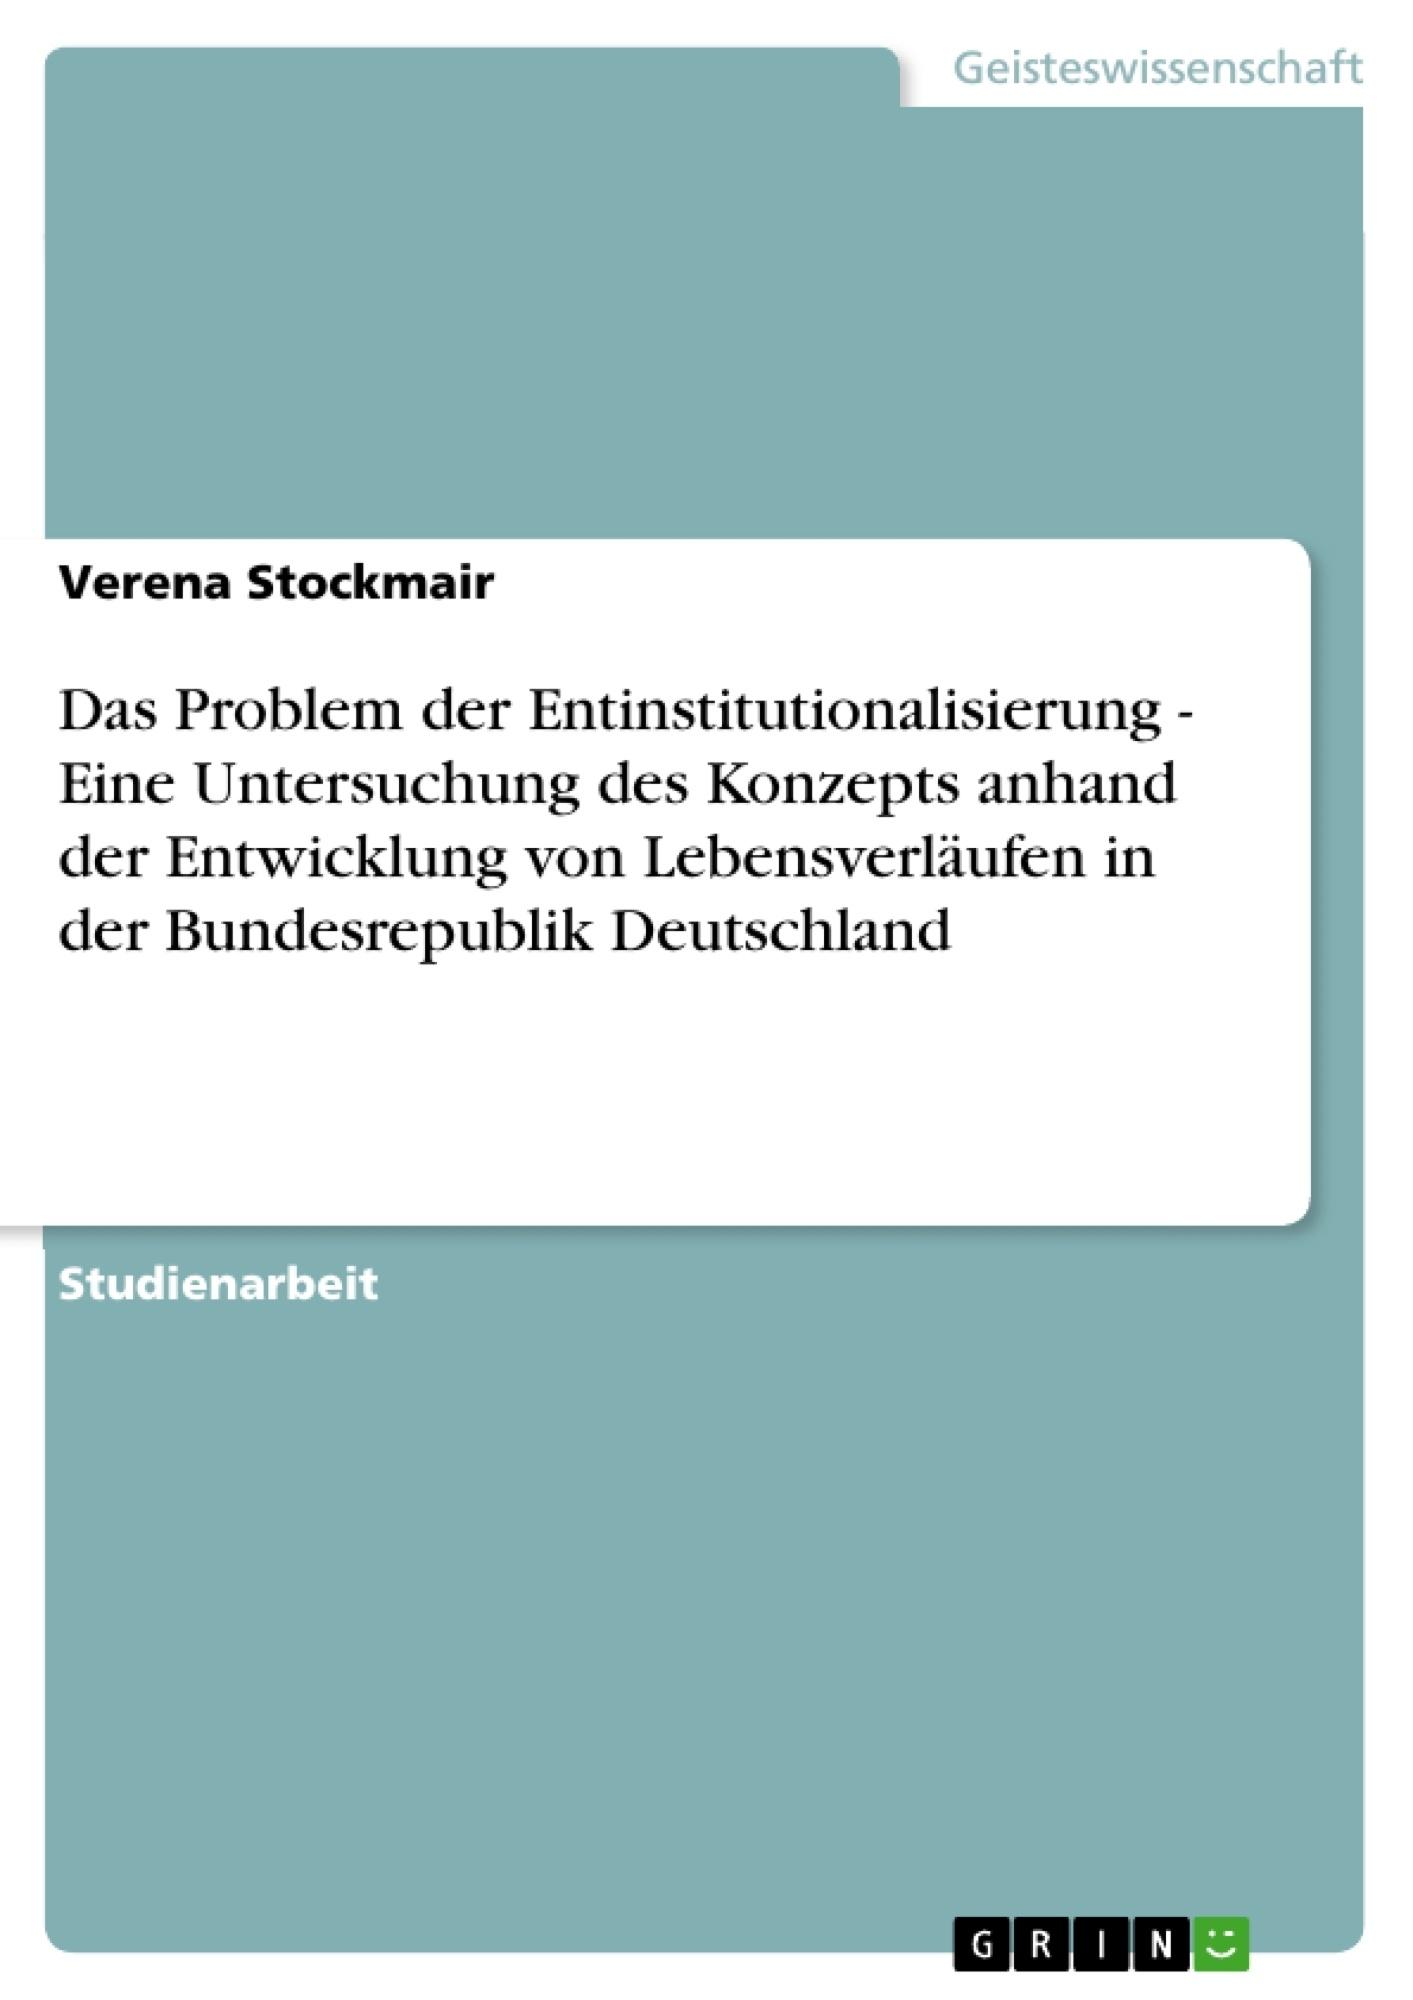 Titel: Das Problem der Entinstitutionalisierung - Eine Untersuchung des Konzepts anhand der Entwicklung von Lebensverläufen in der Bundesrepublik Deutschland